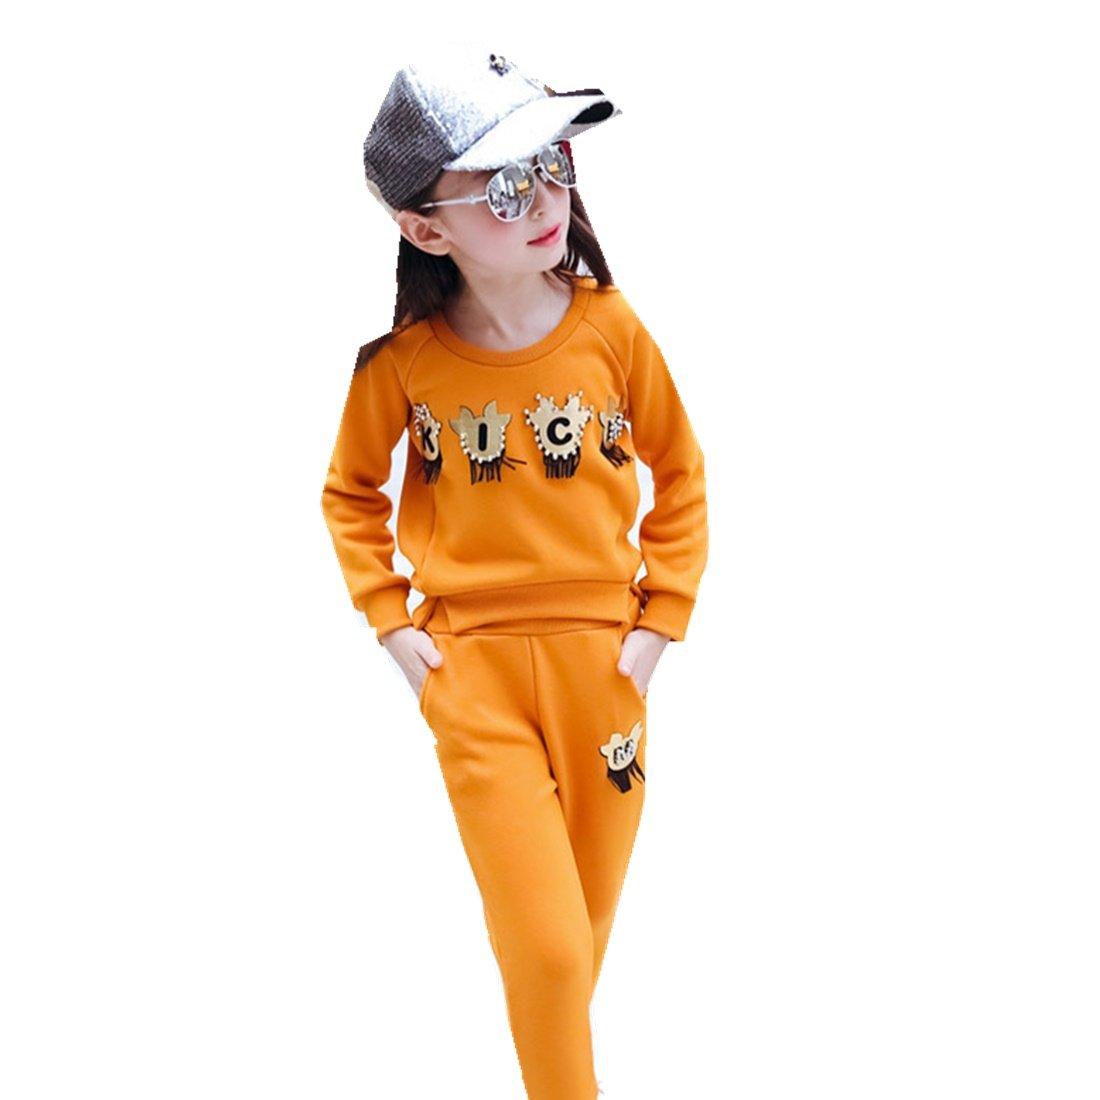 MV Autumn Winter Childrens Girls Velvet Suit Korean Thicken Baby Sports Two Pieces